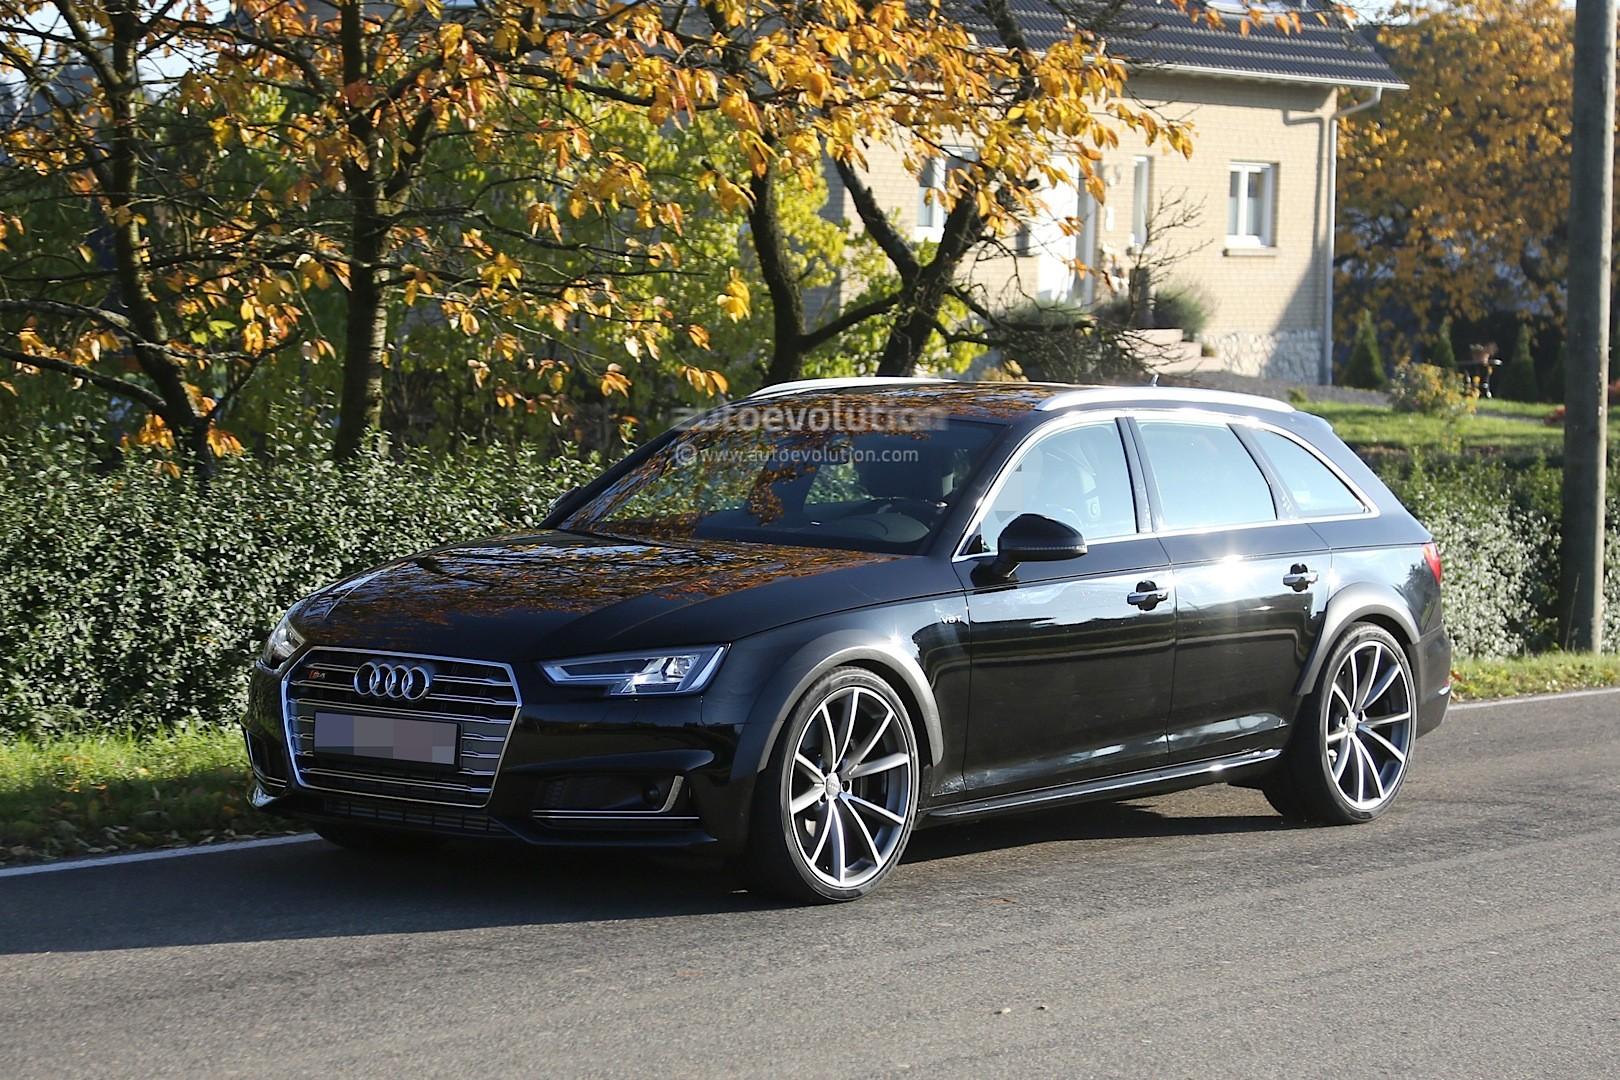 Audi Rs4 : essais, fiabilité, avis, photos, vidéos